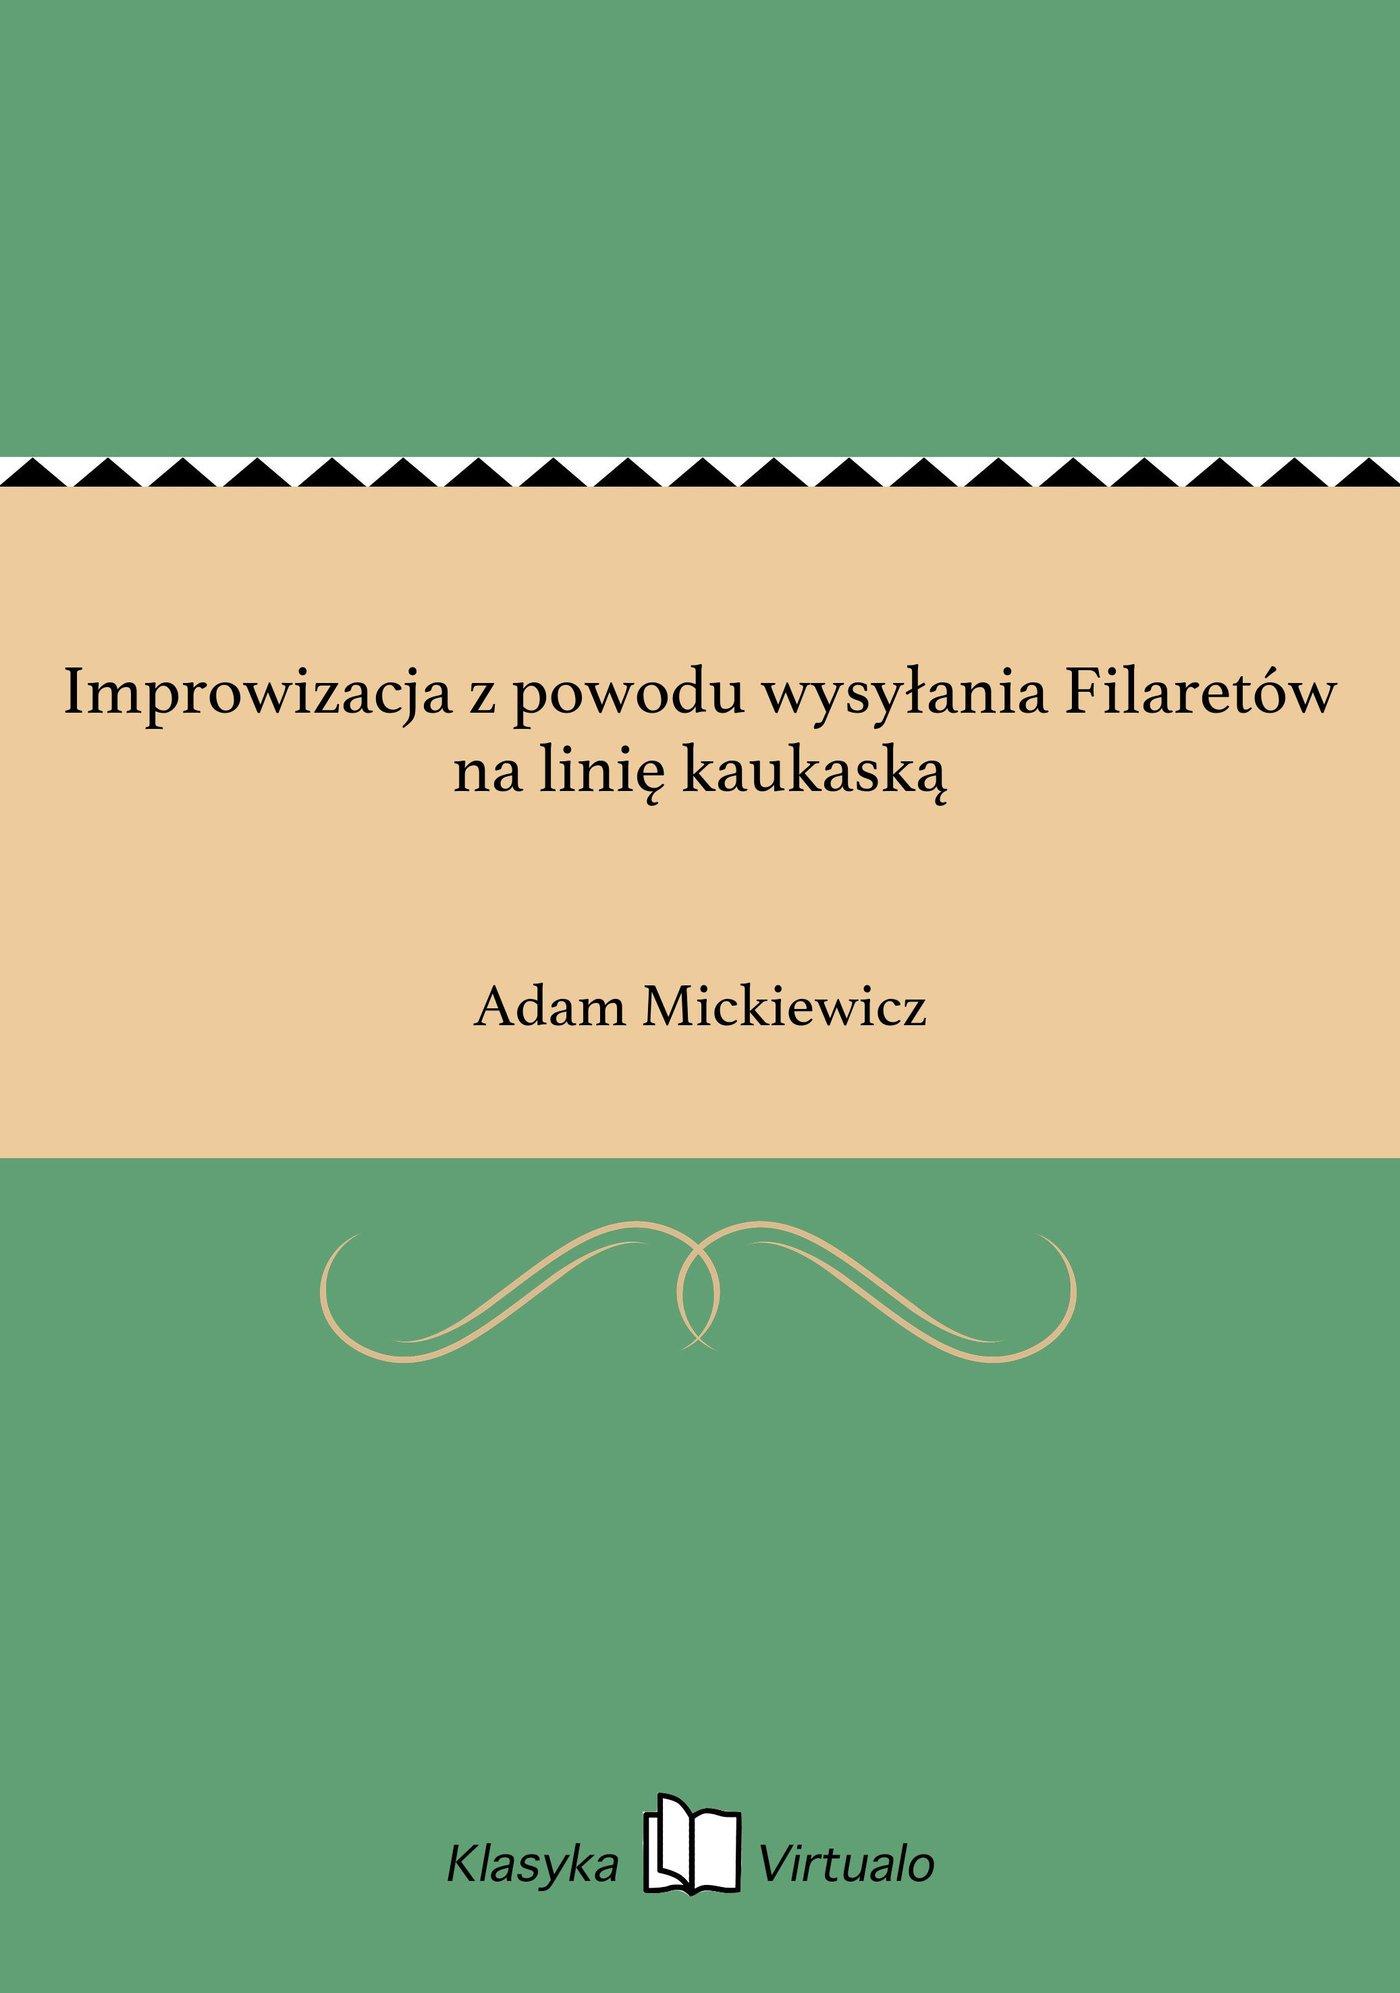 Improwizacja z powodu wysyłania Filaretów na linię kaukaską - Ebook (Książka EPUB) do pobrania w formacie EPUB